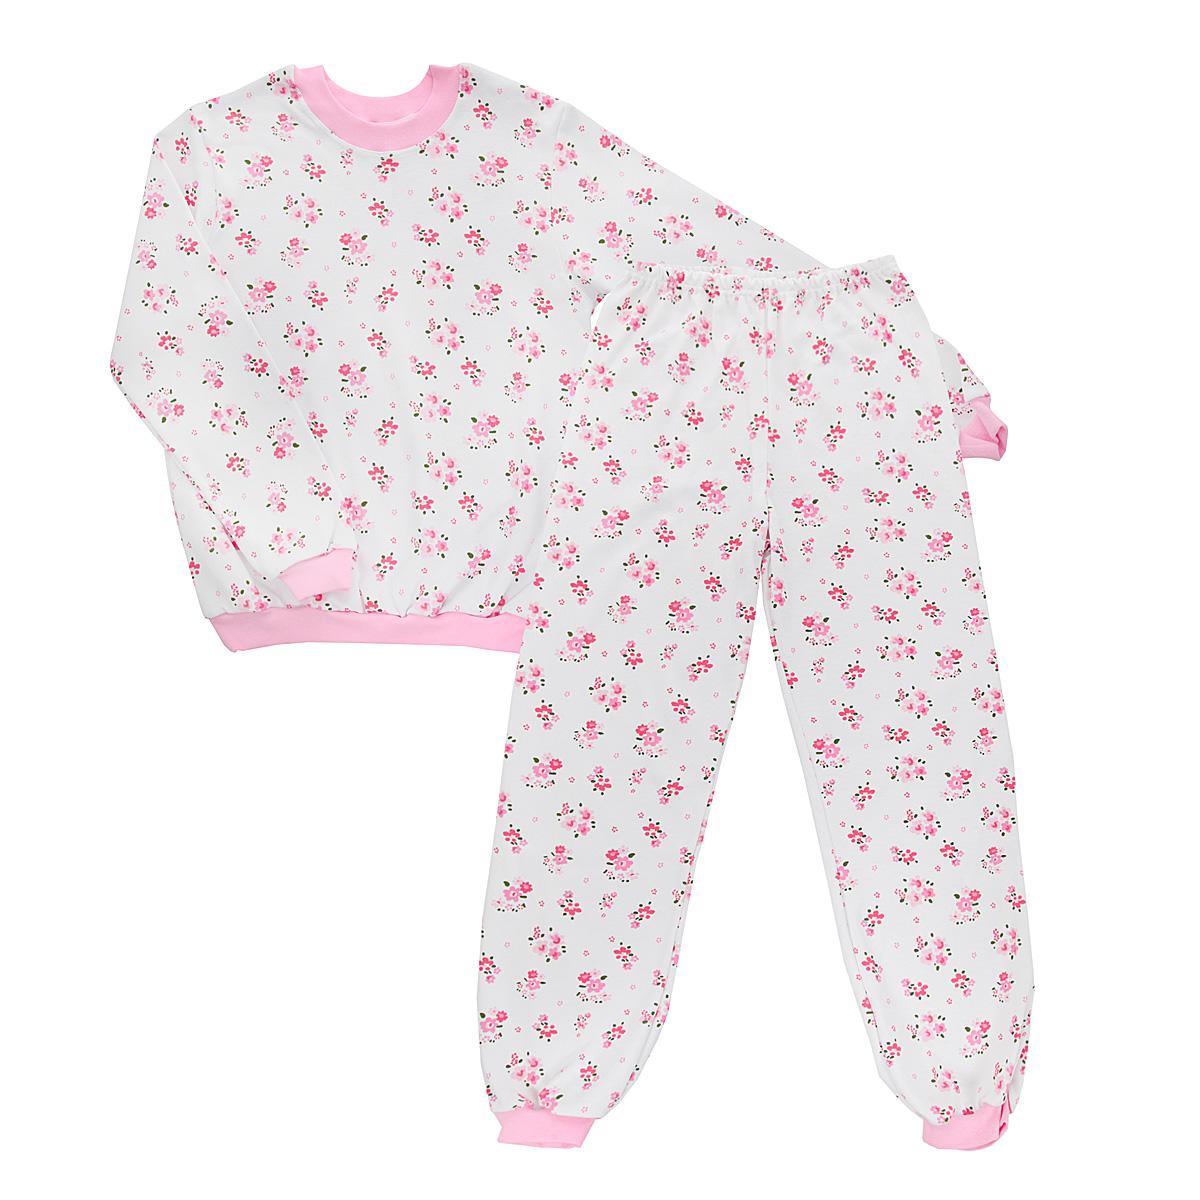 5555_цветыУютная пижама для девочки Трон-плюс, состоящая из джемпера и брюк, идеально подойдет вашему ребенку и станет отличным дополнением к детскому гардеробу. Изготовленная из натурального хлопка, она необычайно мягкая и легкая, не сковывает движения, позволяет коже дышать и не раздражает даже самую нежную и чувствительную кожу ребенка. Джемпер с длинными рукавами имеет круглый вырез горловины. Низ изделия, рукава и вырез горловины дополнены широкой трикотажной резинкой контрастного цвета. Брюки на талии имеют эластичную резинку, благодаря чему не сдавливают живот ребенка и не сползают. Низ брючин дополнен широкими эластичными манжетами контрастного цвета. Оформлено изделие ненавязчивым цветочным принтом. В такой пижаме ваша дочурка будет чувствовать себя комфортно и уютно во время сна.